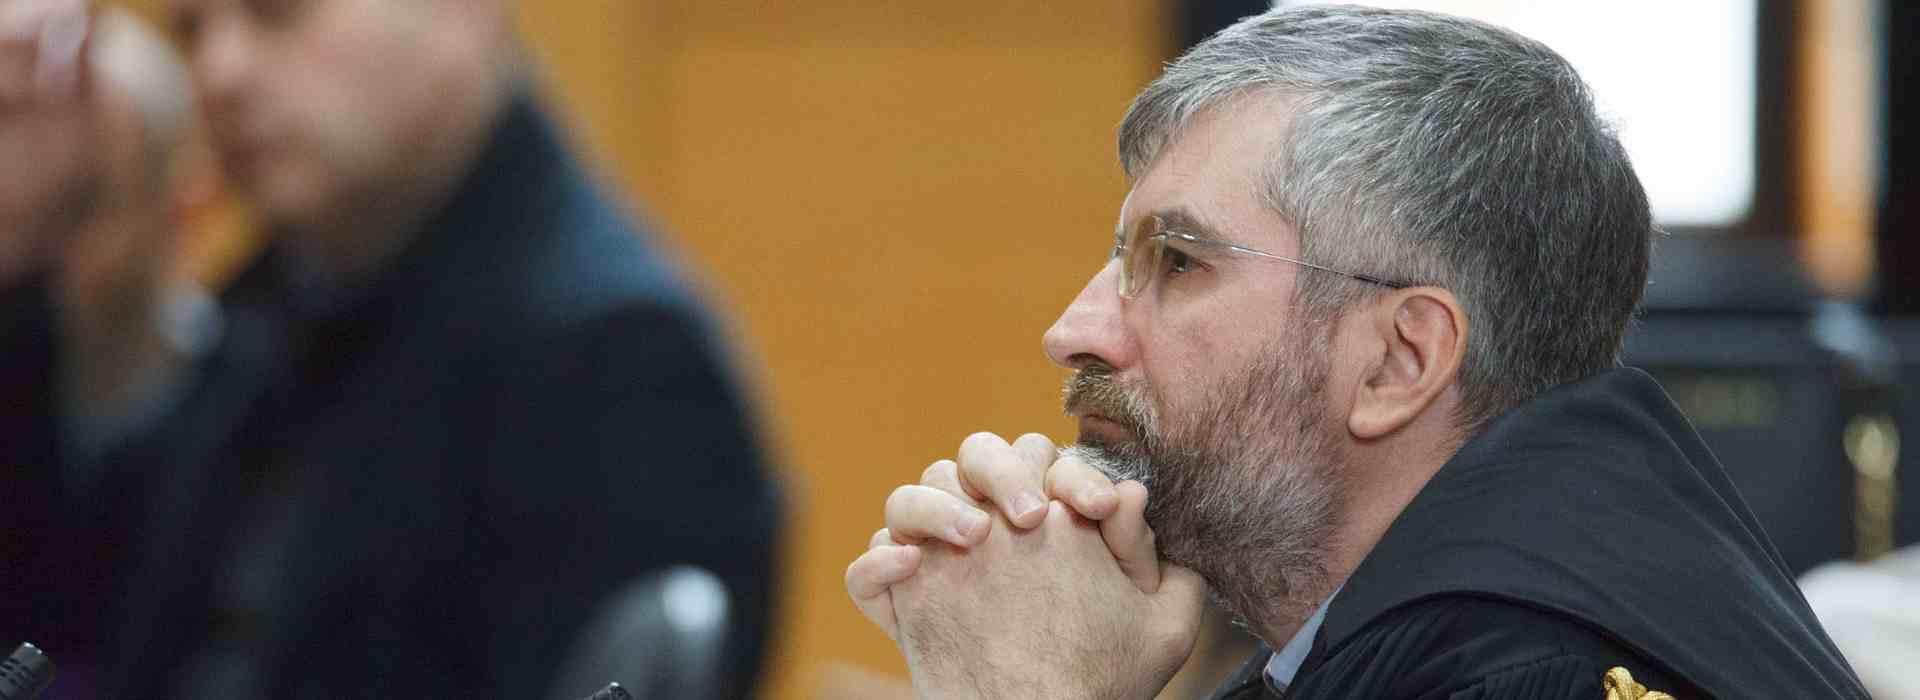 Il procuratore aggiunto di Reggio Calabria, Lombardo: ''sistema bancario parallelo'' delle mafie